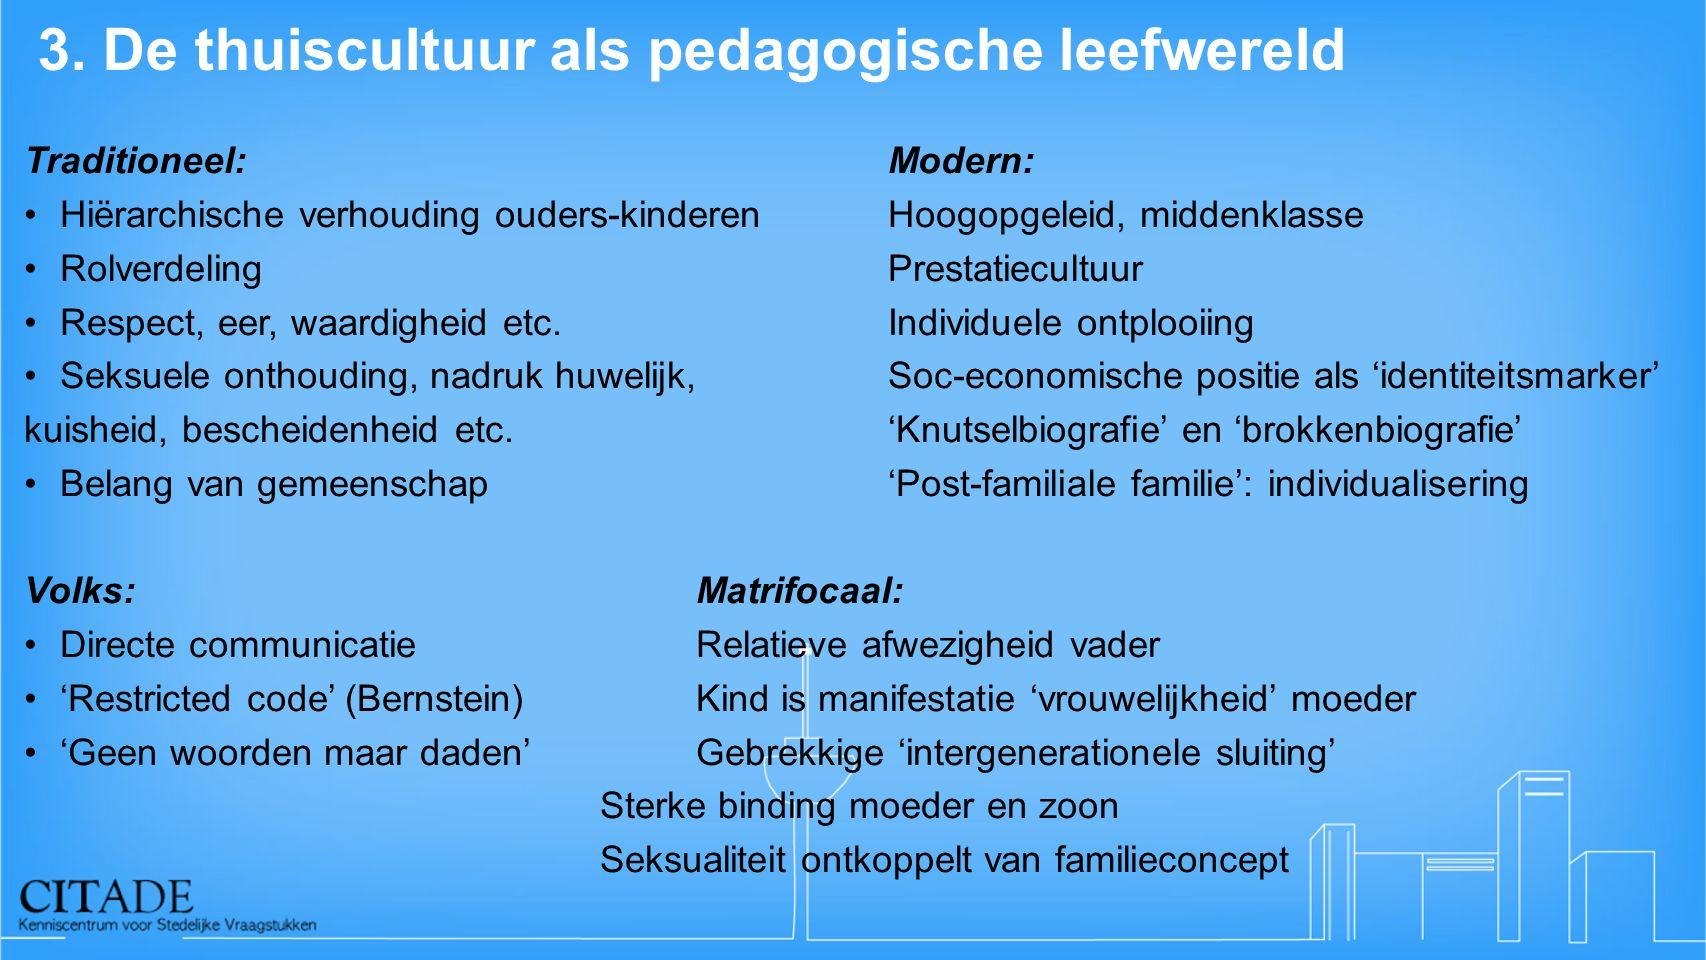 3. De thuiscultuur als pedagogische leefwereld Traditioneel:Modern: Hiërarchische verhouding ouders-kinderenHoogopgeleid, middenklasse RolverdelingPre